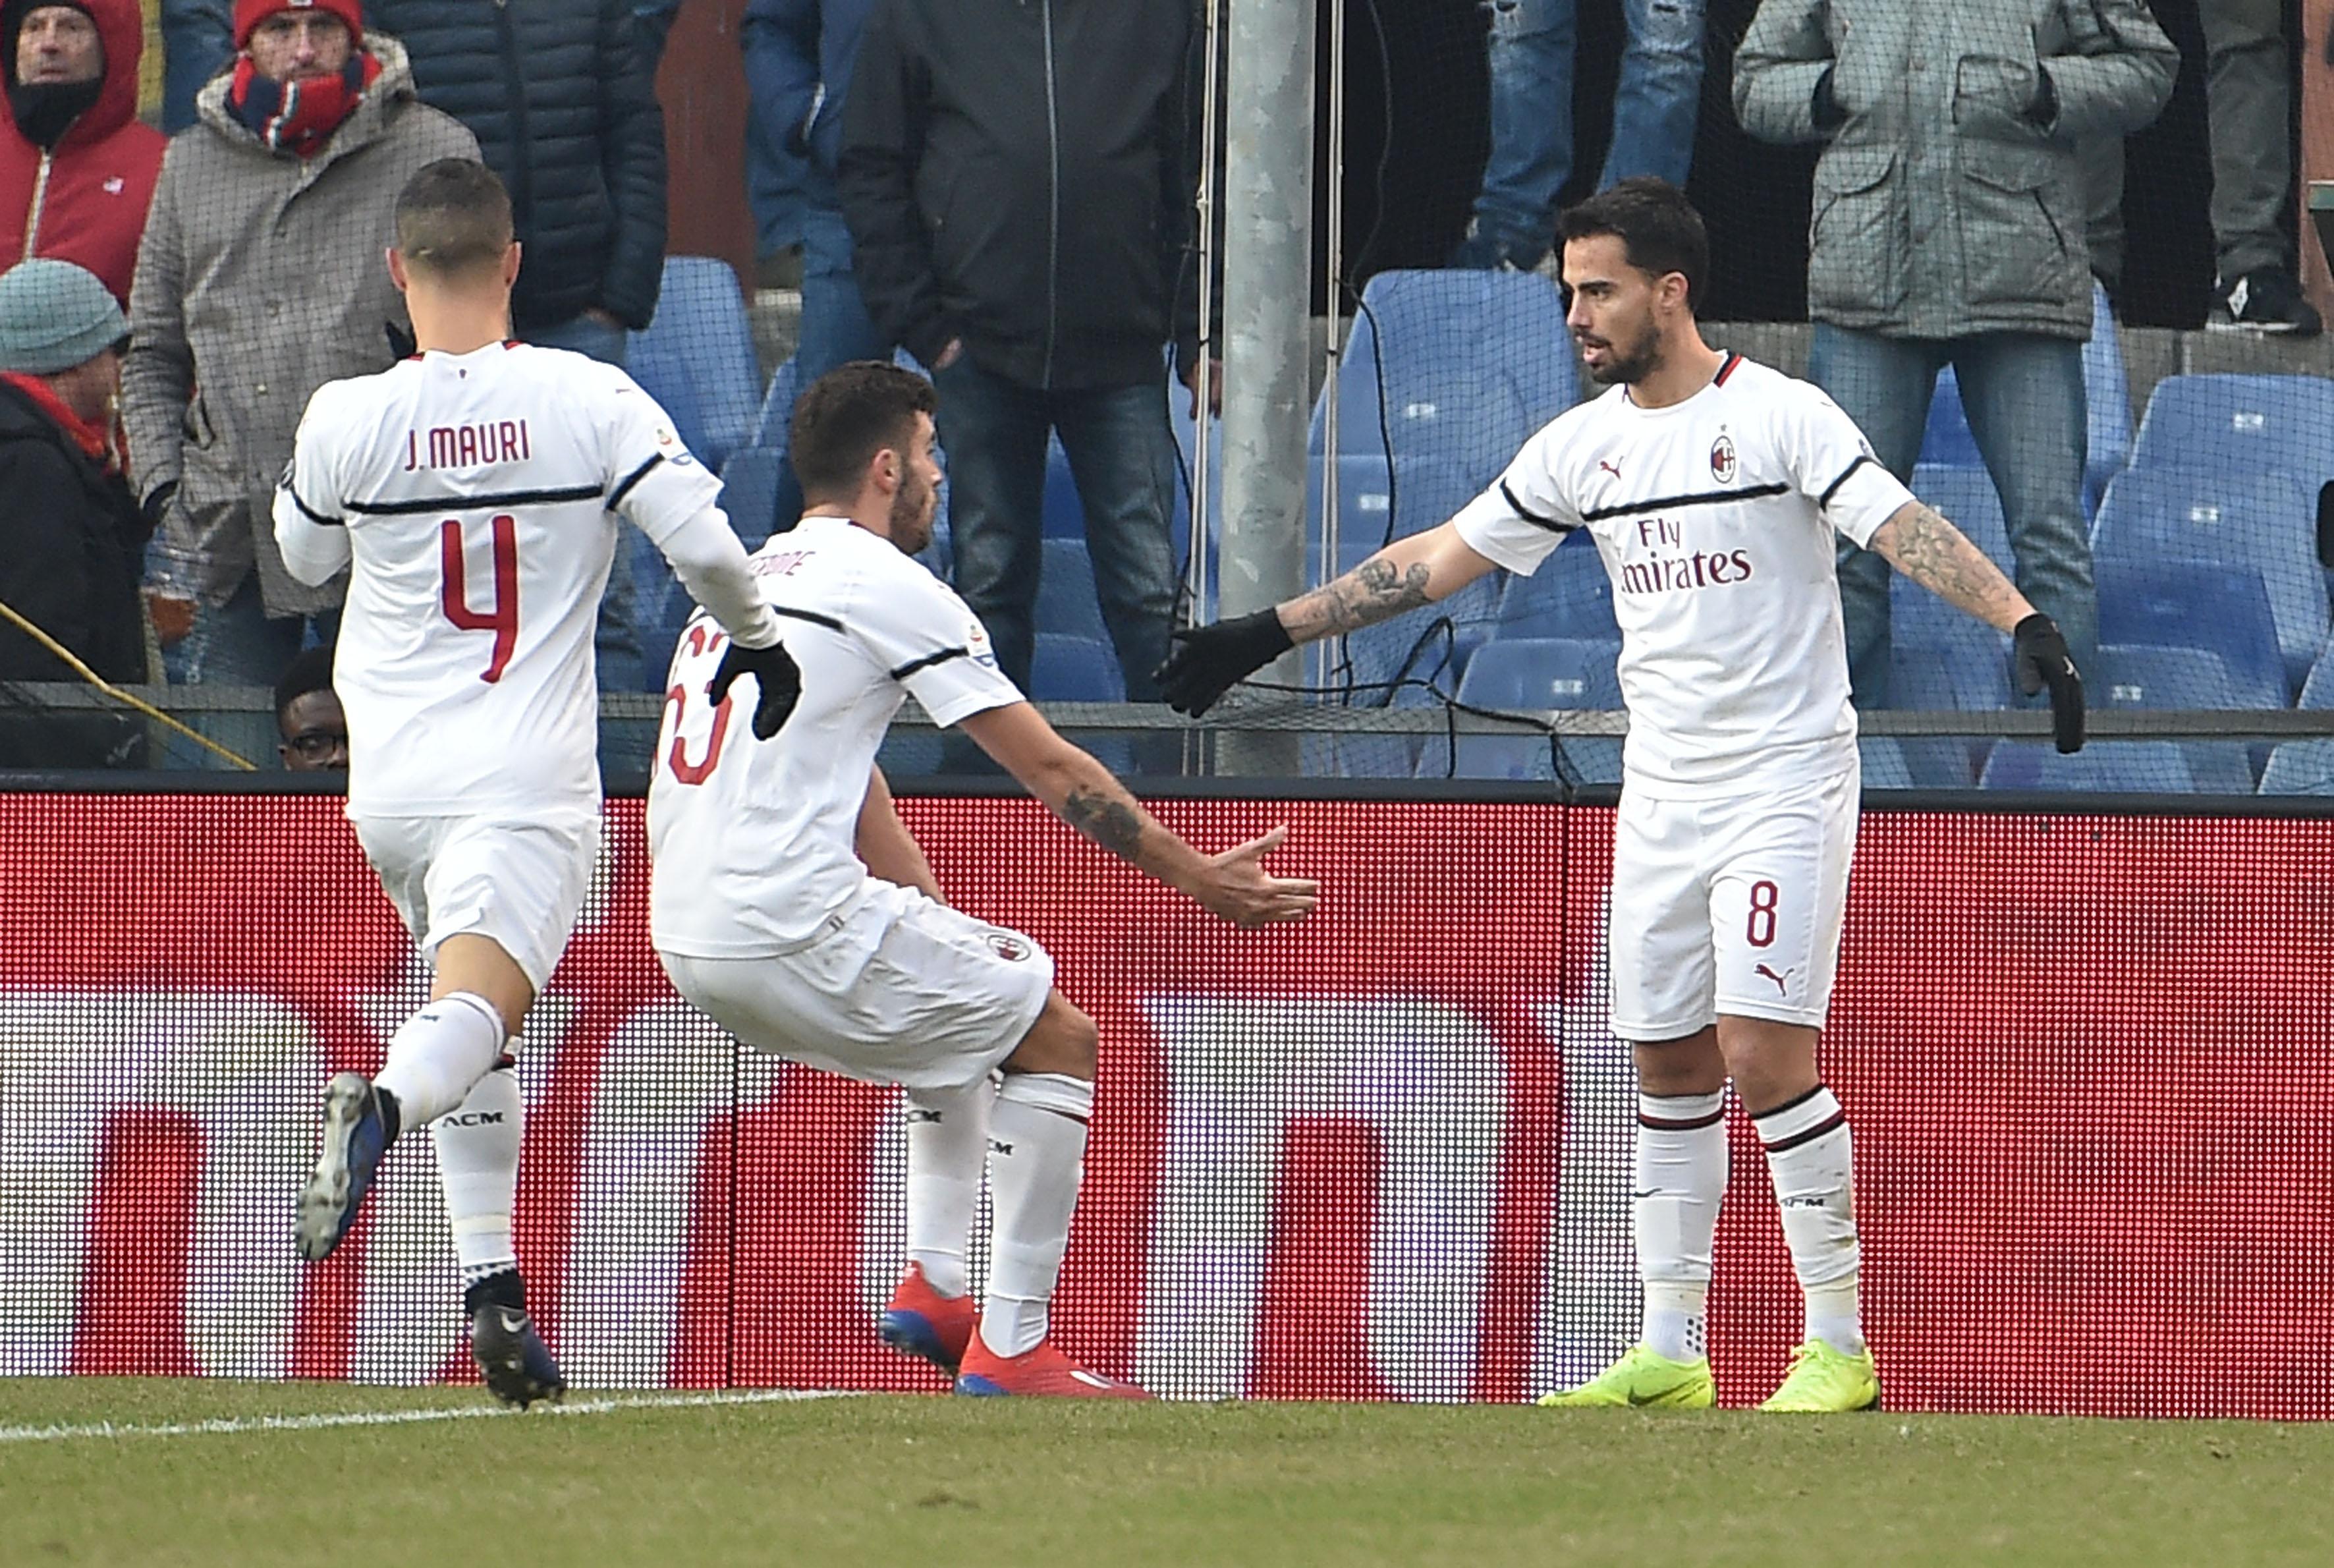 En fotos: sin 'Pipita' Higuaín, Milán se mete en zona de Champions con triunfo en Serie A